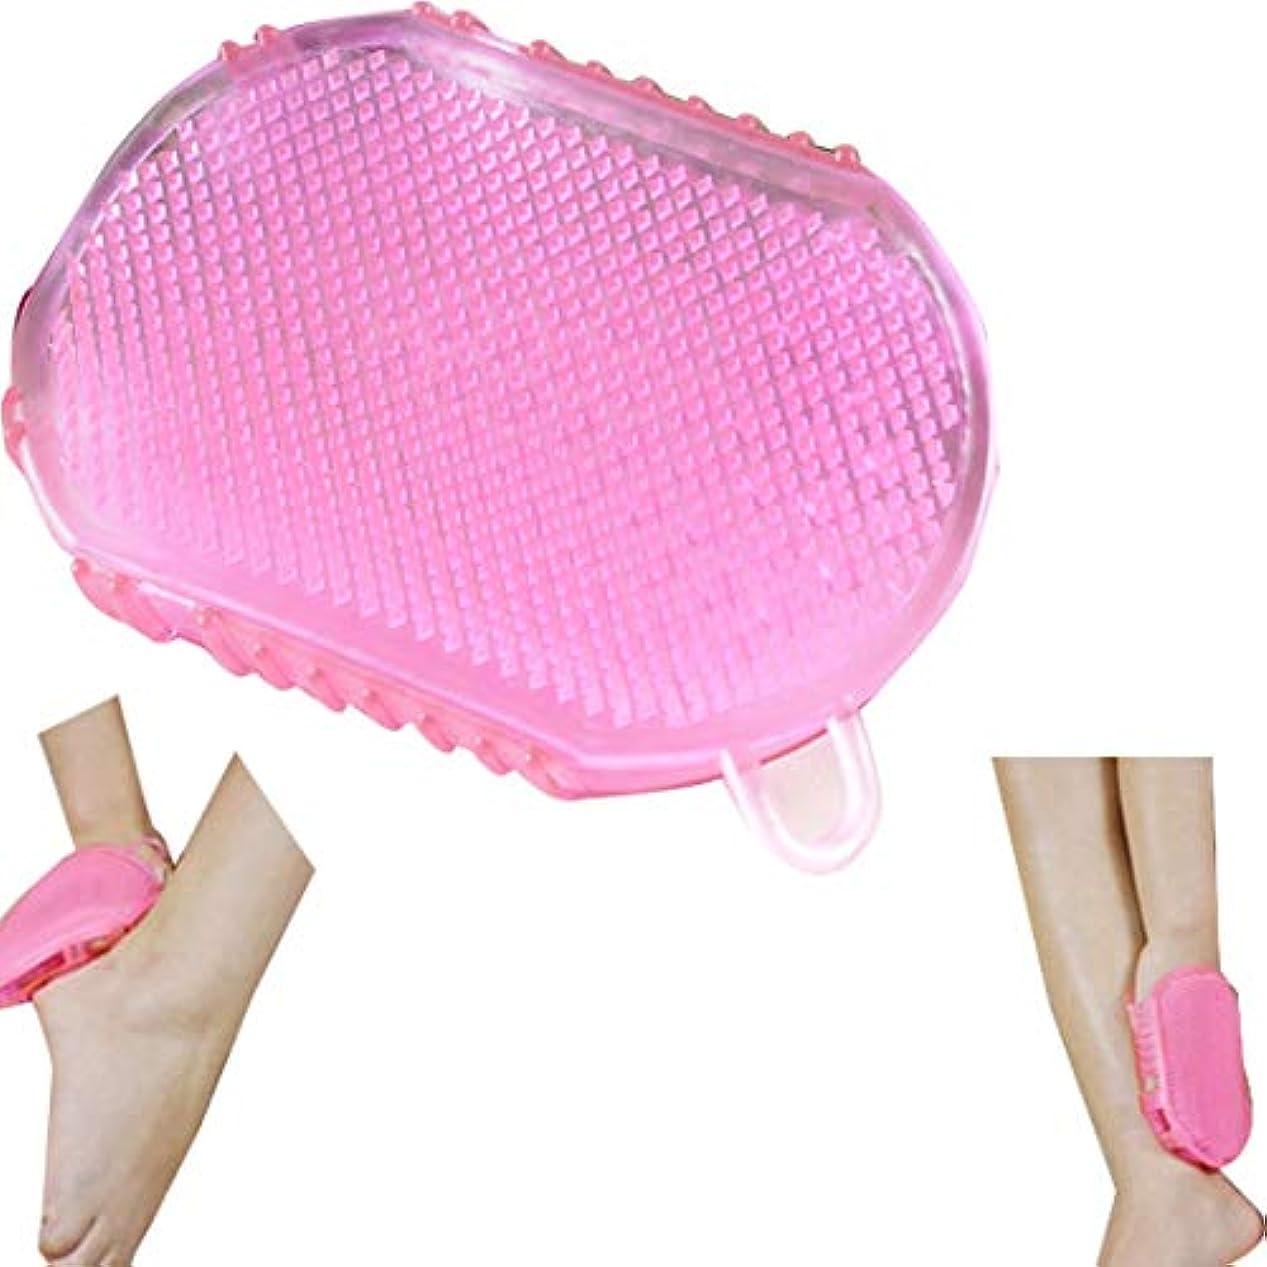 蒸気リンク苛性Tシリコンマッサージフットブラシ/フットグルーマー 足洗い用/バスブラシ、/フットブラシ/汚れ角質除去 ストレス解消